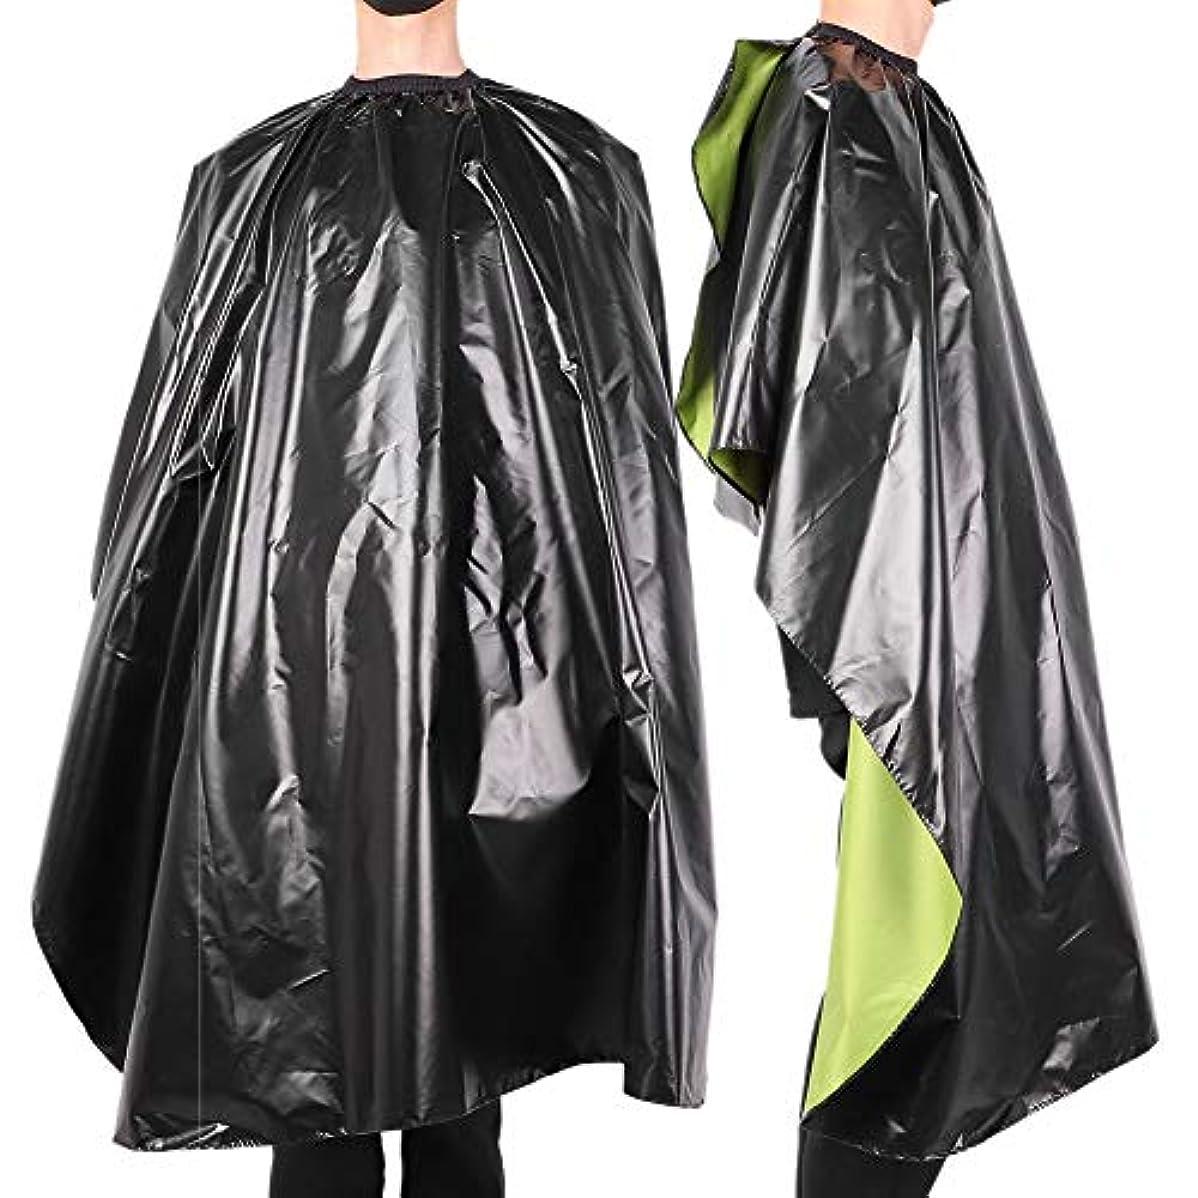 革命的田舎者虫防水 調整可能 サロン 散髪 ヘアスタイリングケープ-ガ ウン大人の理髪理髪師 ラップエプロン